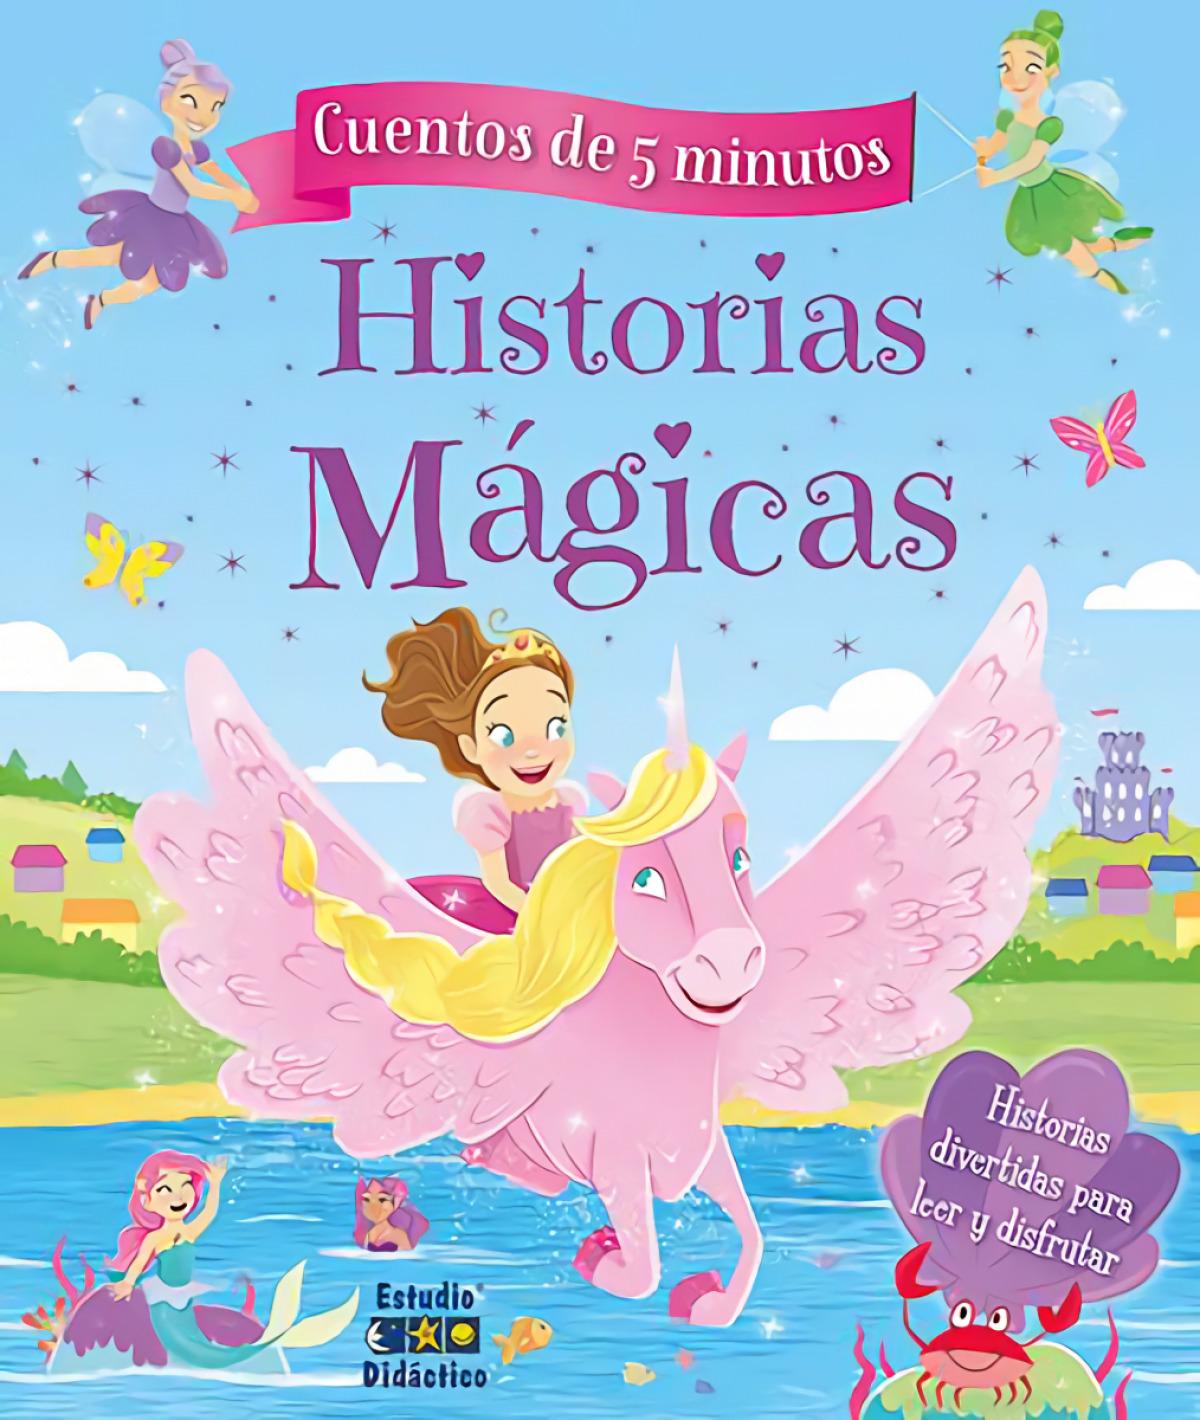 Historias màgicas